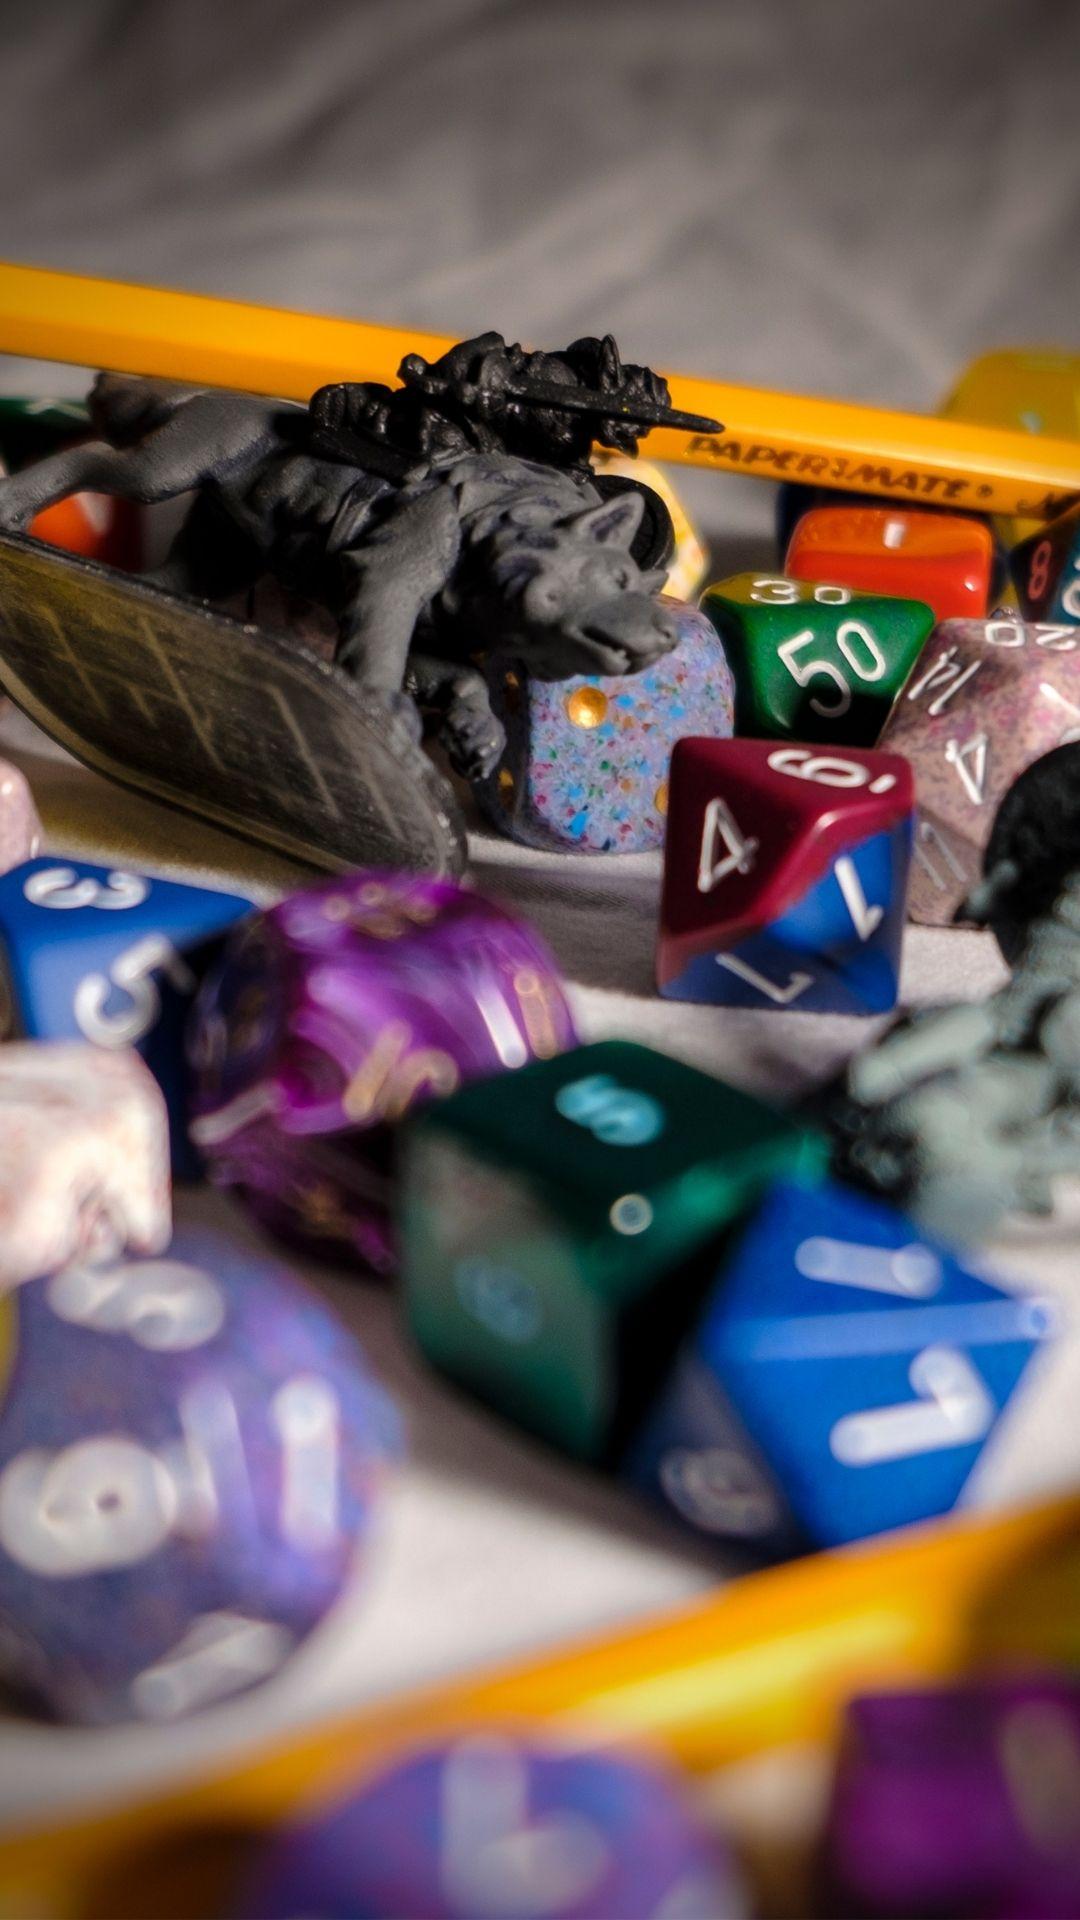 https://www.gamekastle.com/online/images/uploads/Bonus2_Mo.jpg